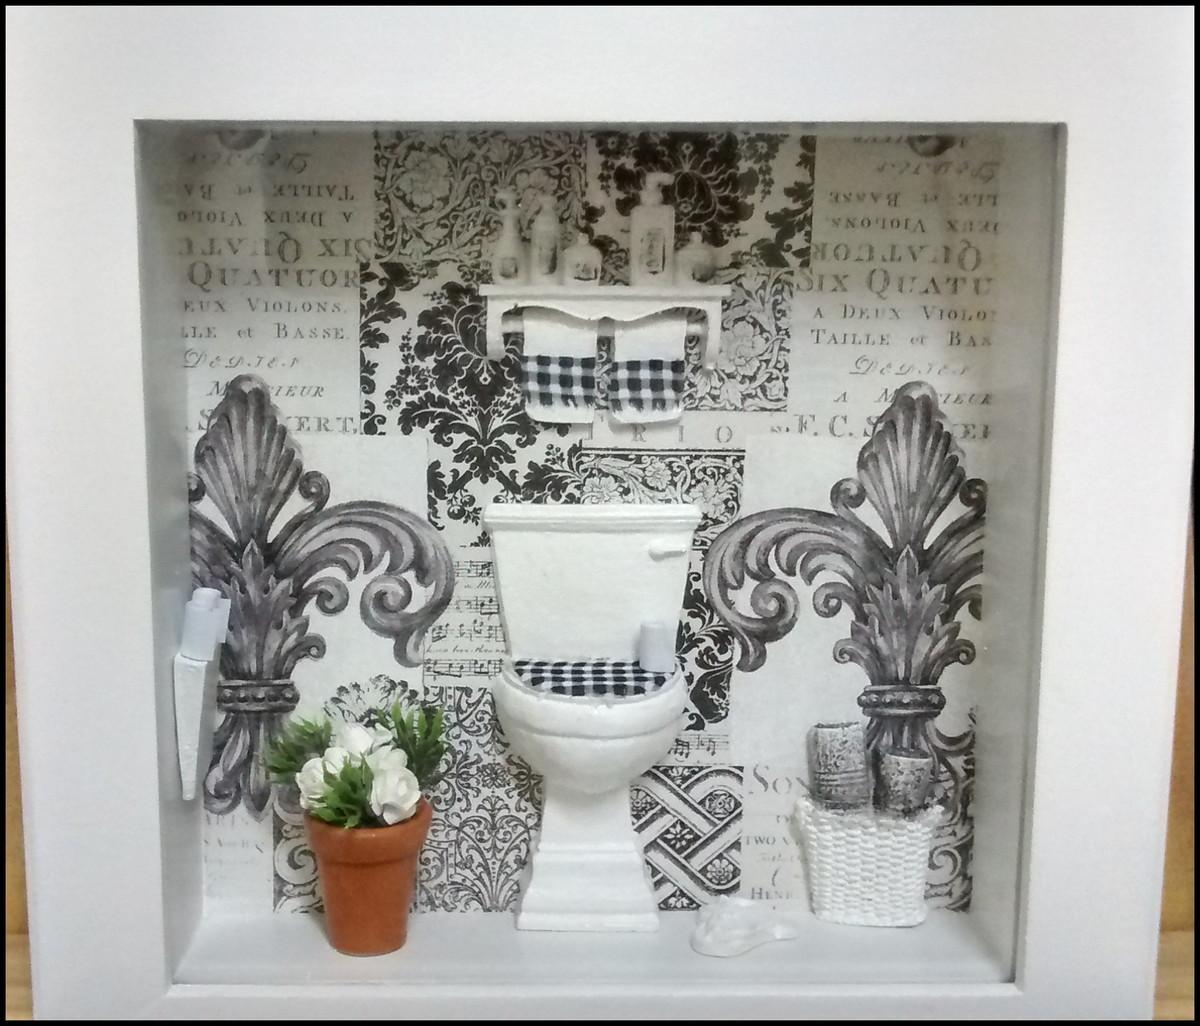 decoracao lavabo preto e branco:lavabo preto e branco vaso san banheiro cenario lavabo preto e branco